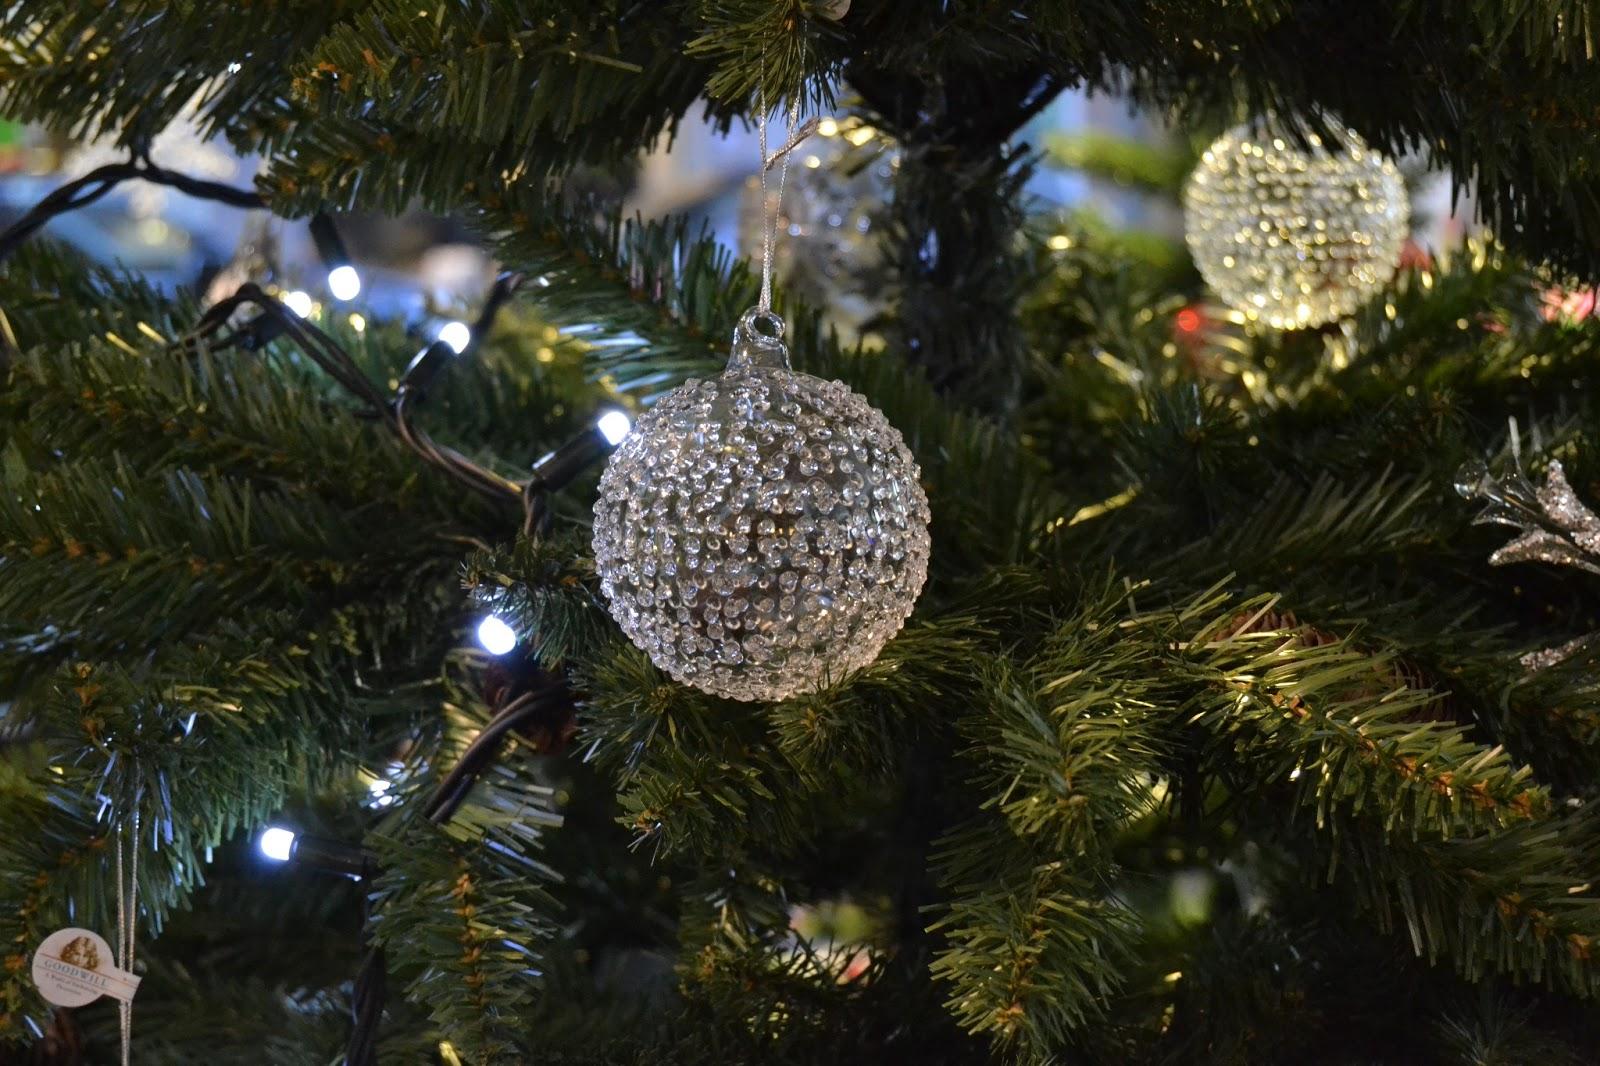 El deseo de papa noel como adornar el rbol de navidad - Arbol de navidad elegante ...